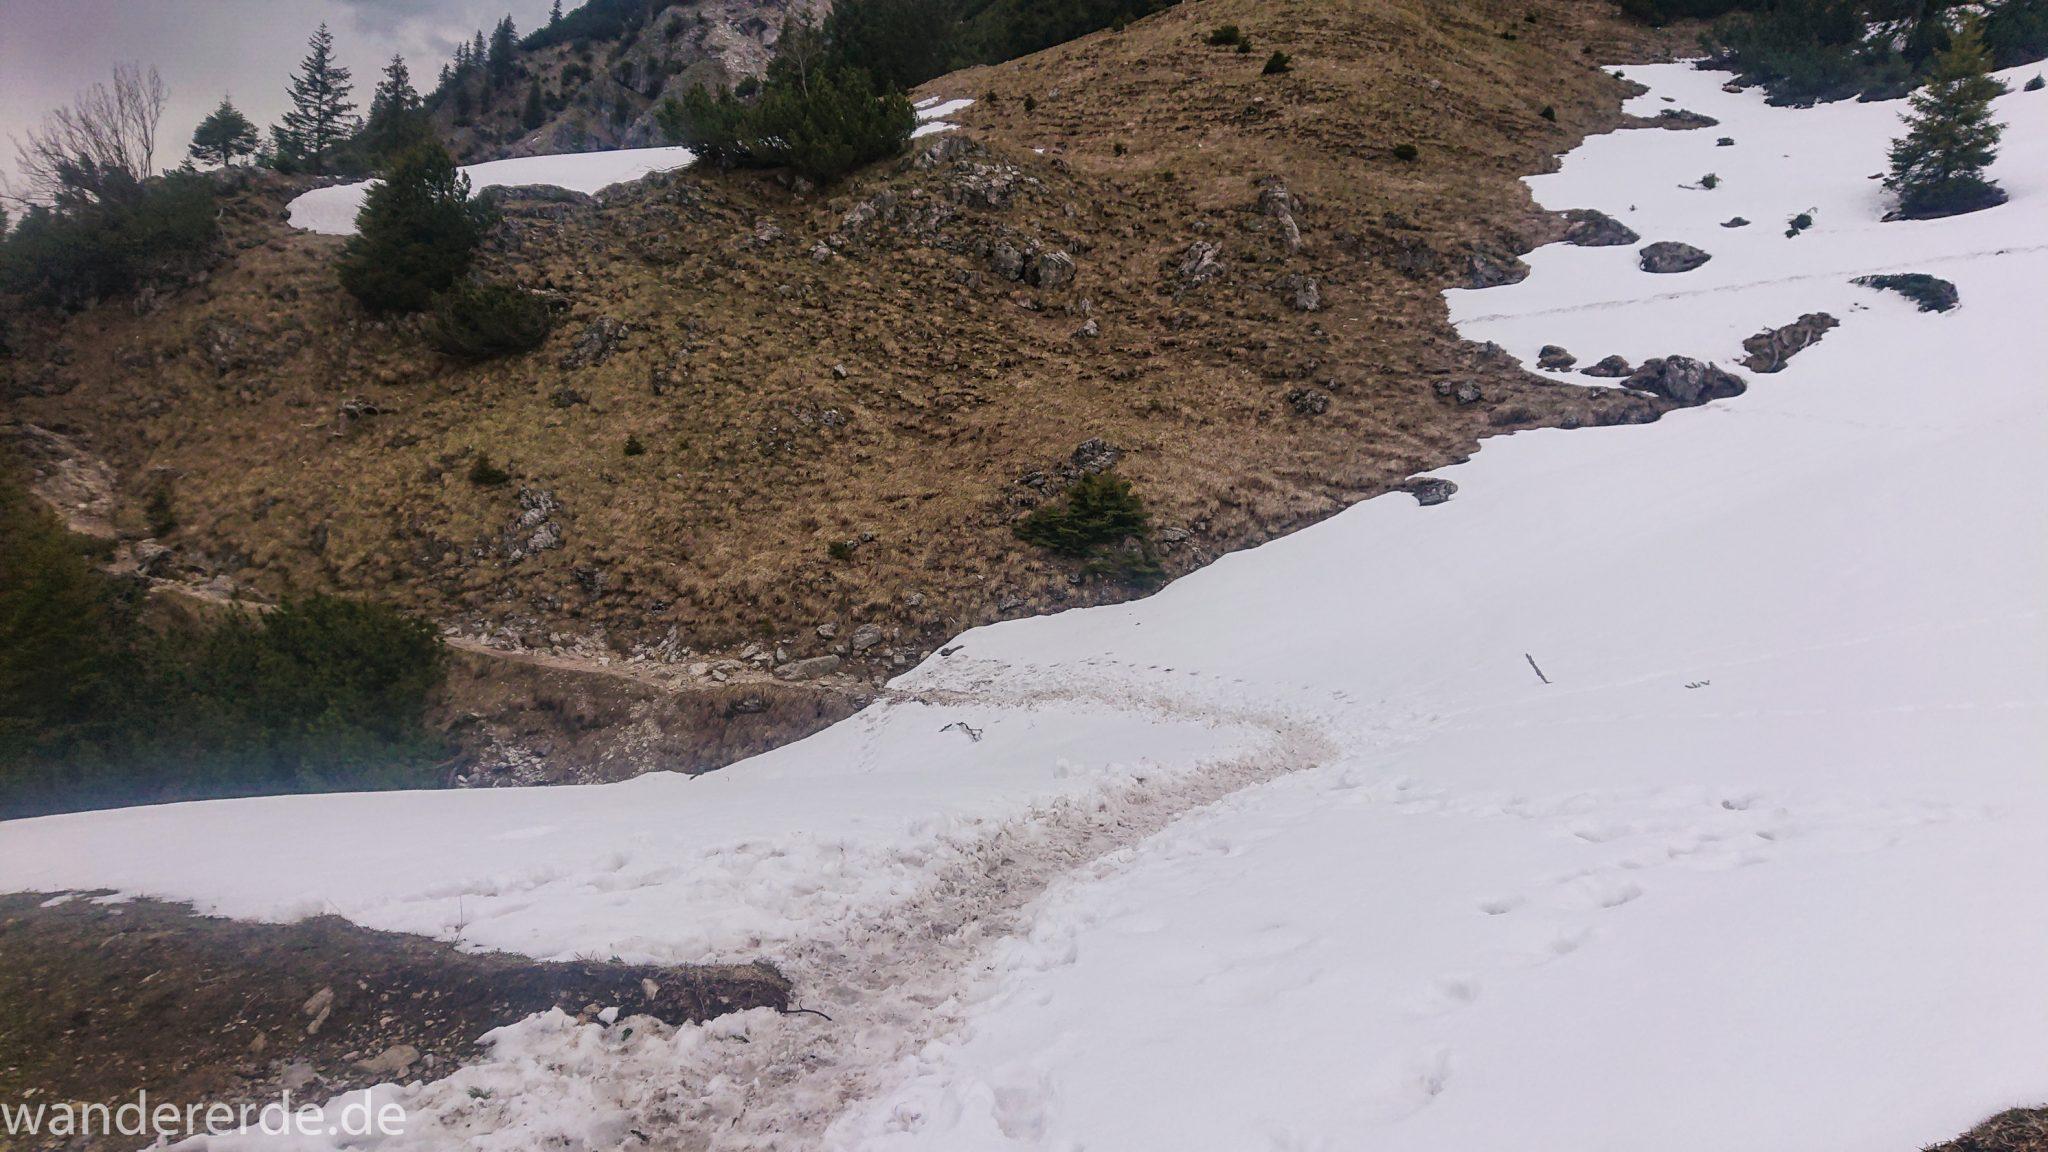 Wanderung Unterer Gaisalpsee, Wanderweg von Oberstdorf im Allgäu, Wanderpfad wird zunehmend schmaler, steil und felsig, weniger Bäume, Blick auf Allgäuer Berge mit Schnee, Unterer Gaisalpsee fast vollständig mit Eis und Schnee bedeckt, Wanderung zu Oberer Gaisalpsee nicht möglich Mitte Mai